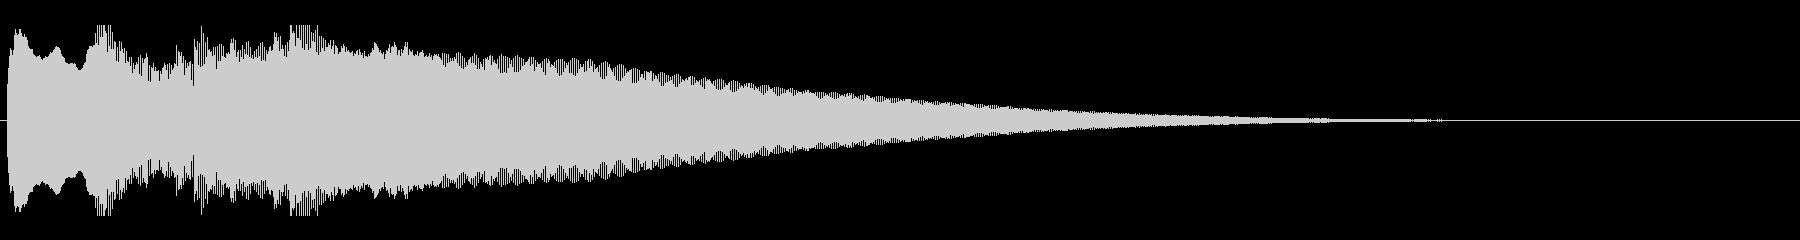 アナウンス前 チャイム-4_rev-2の未再生の波形